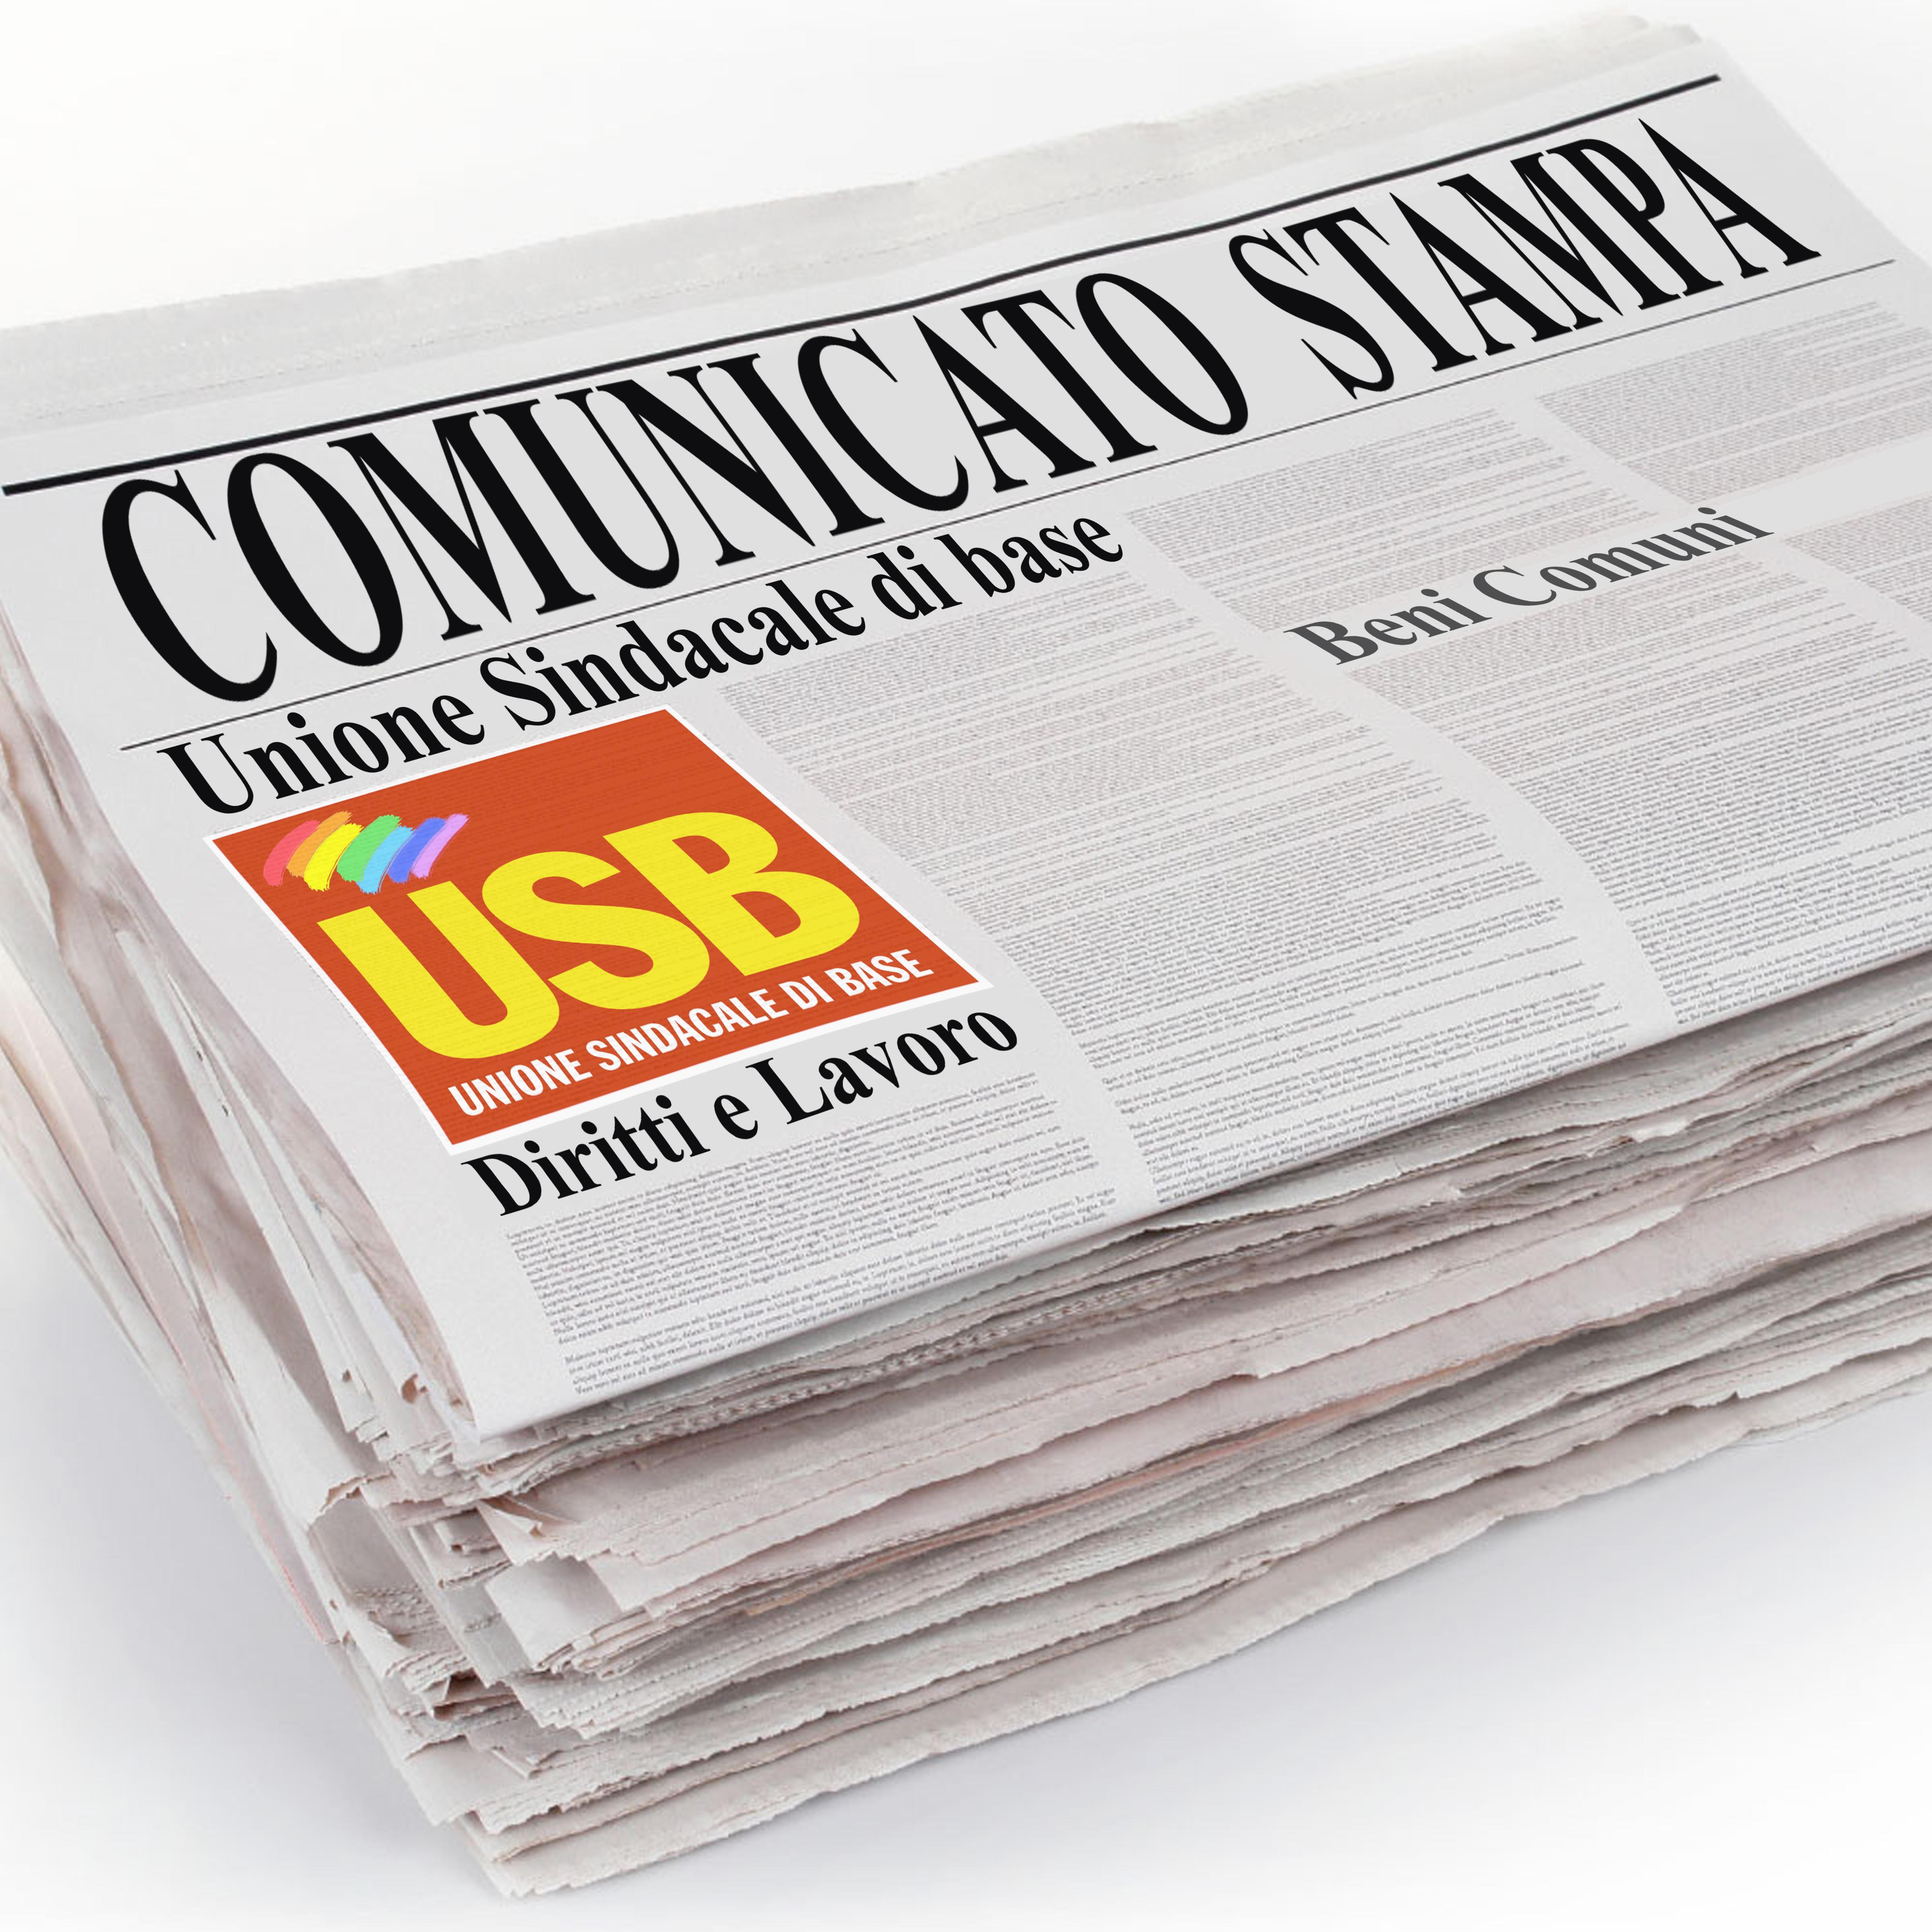 USB Pubblico Impiego - Agenzie Fiscali: COMUNICATO STAMPA ...